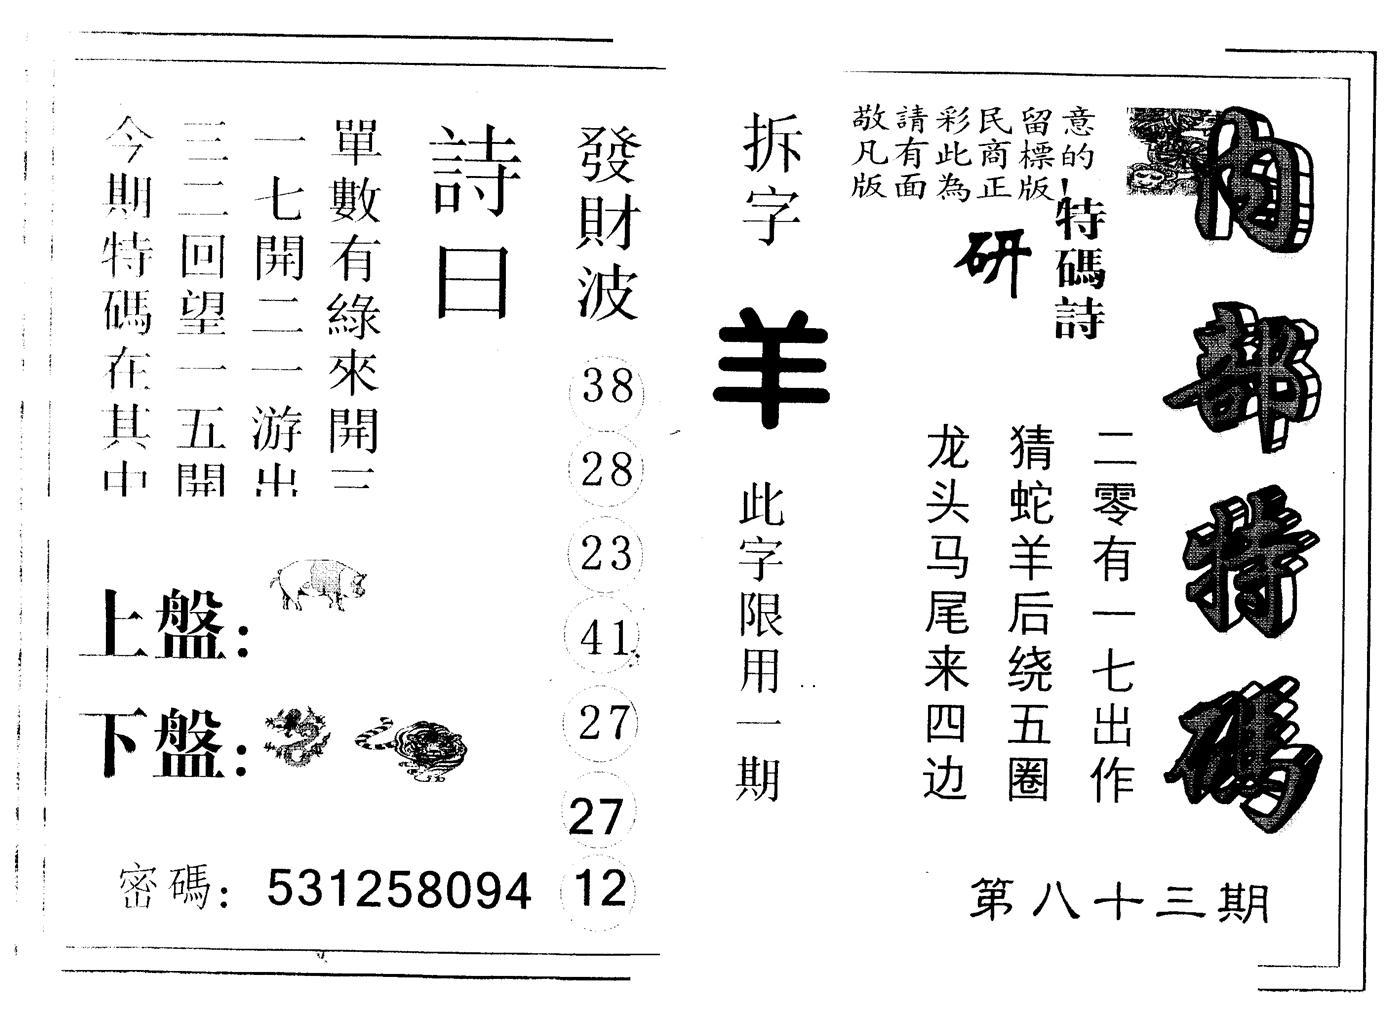 083期另版内部特码(黑白)